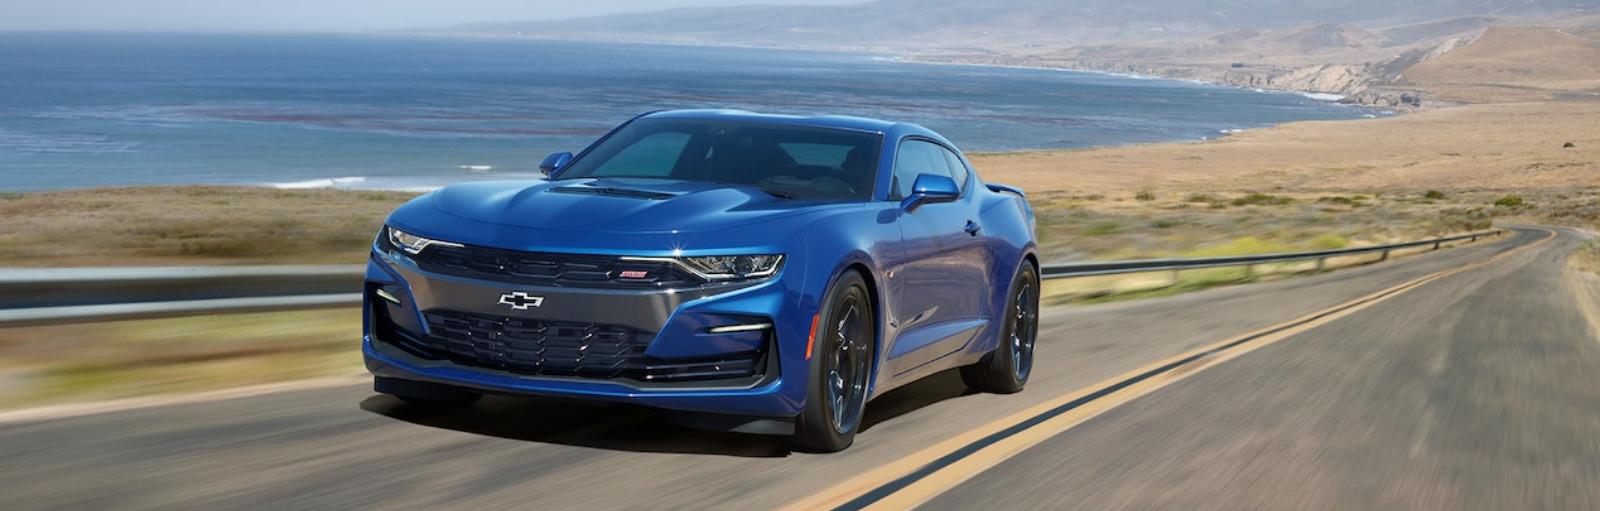 El vehículo que se muestra es el Chevrolet Camaro 2020 2SS coupe en Azul Riverside Metalico con características adicionales disponibles.